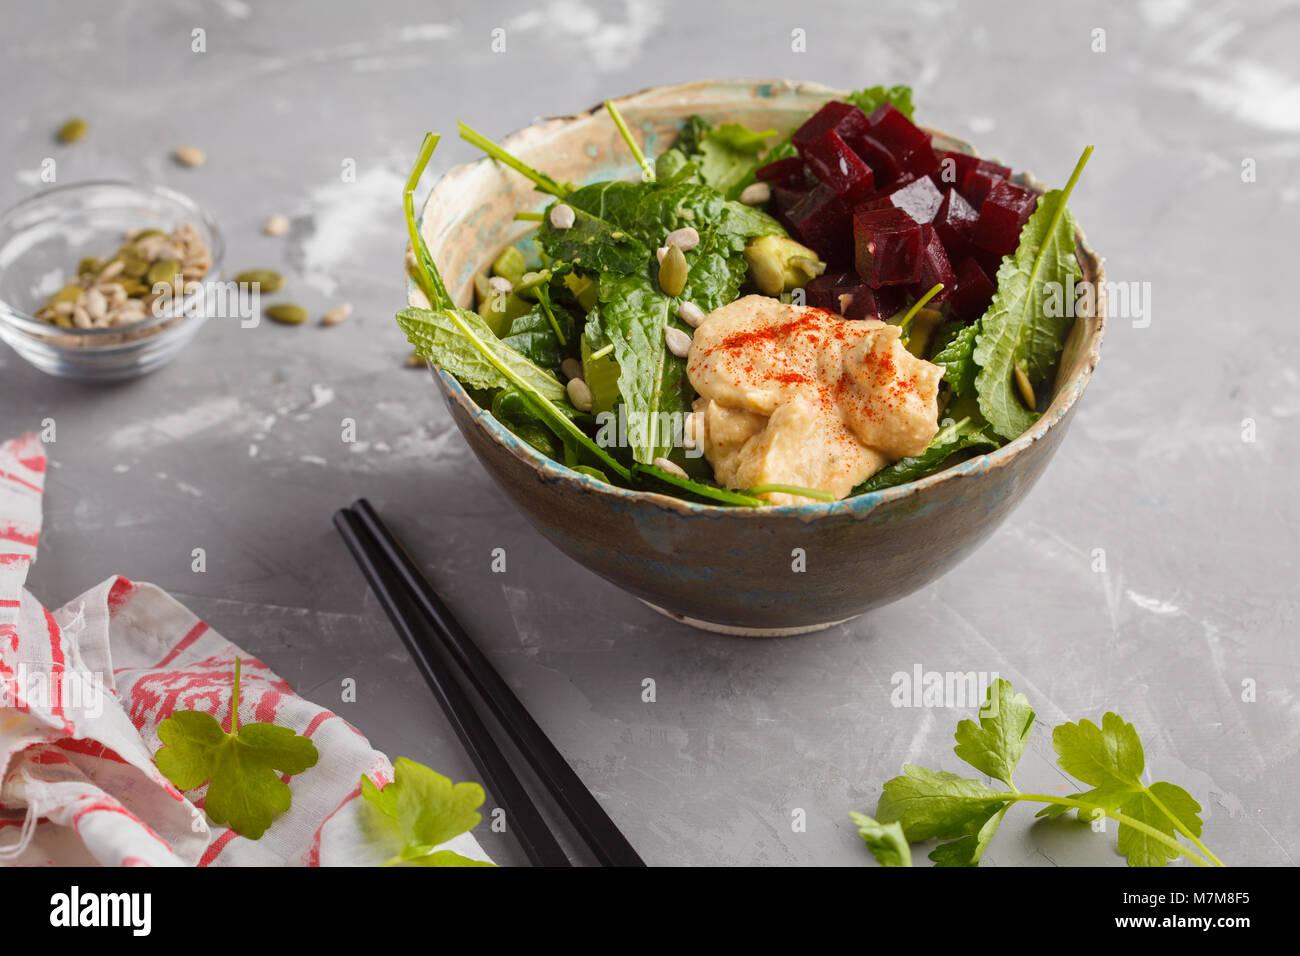 Salade verte avec kale végétalien, betterave, concombre, graines de tournesol d'hummus vinaigrette. Photo Stock